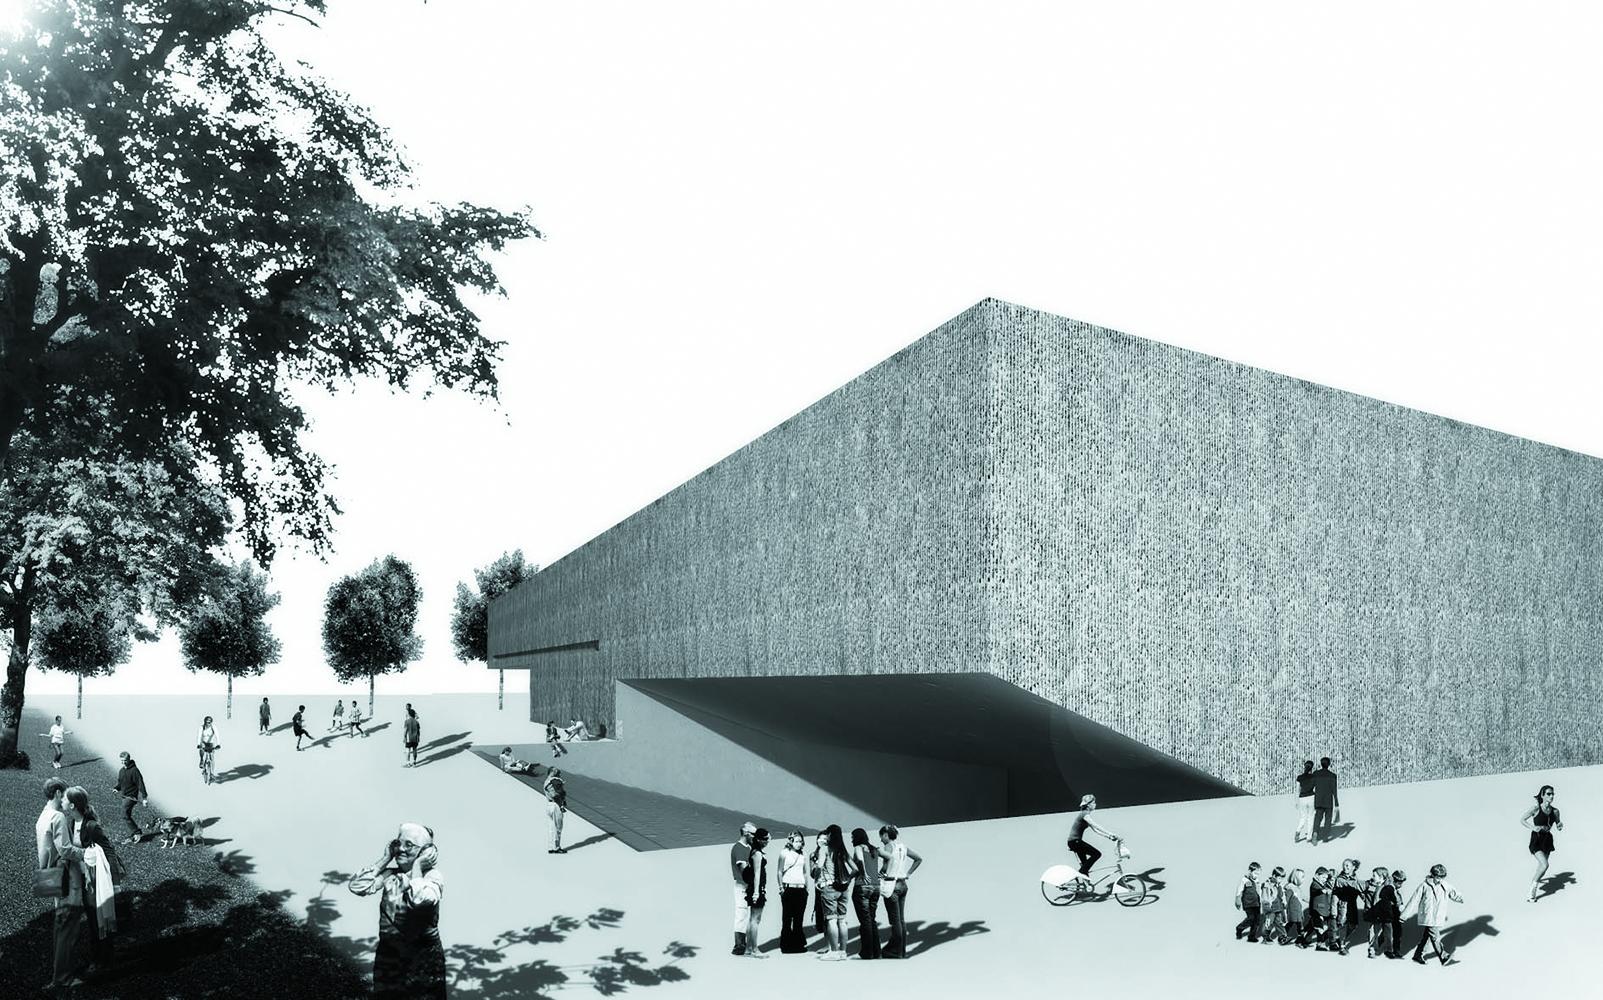 Eva sanlleh escuela de m sica en barcelona hic - Escuela de arquitectura de barcelona ...